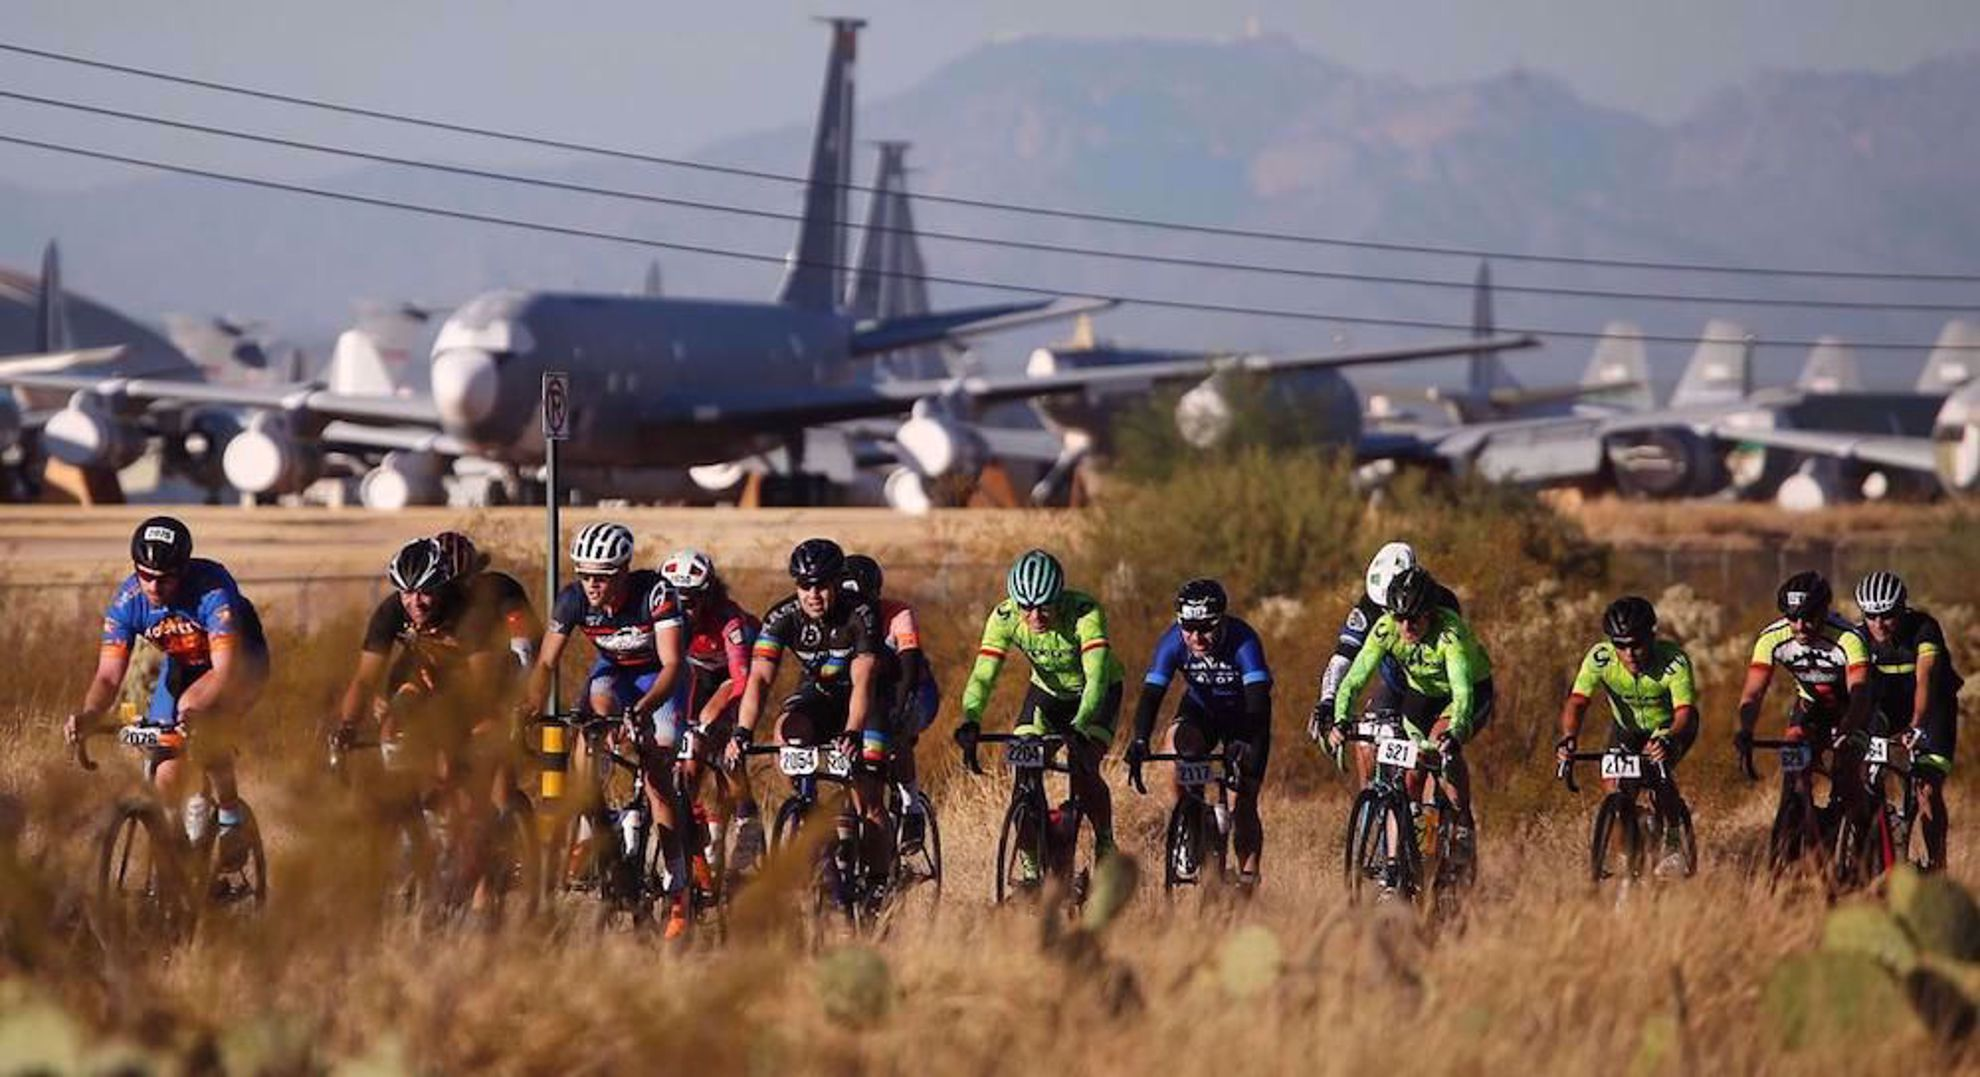 El tour participants pass the Boneyard airplanes